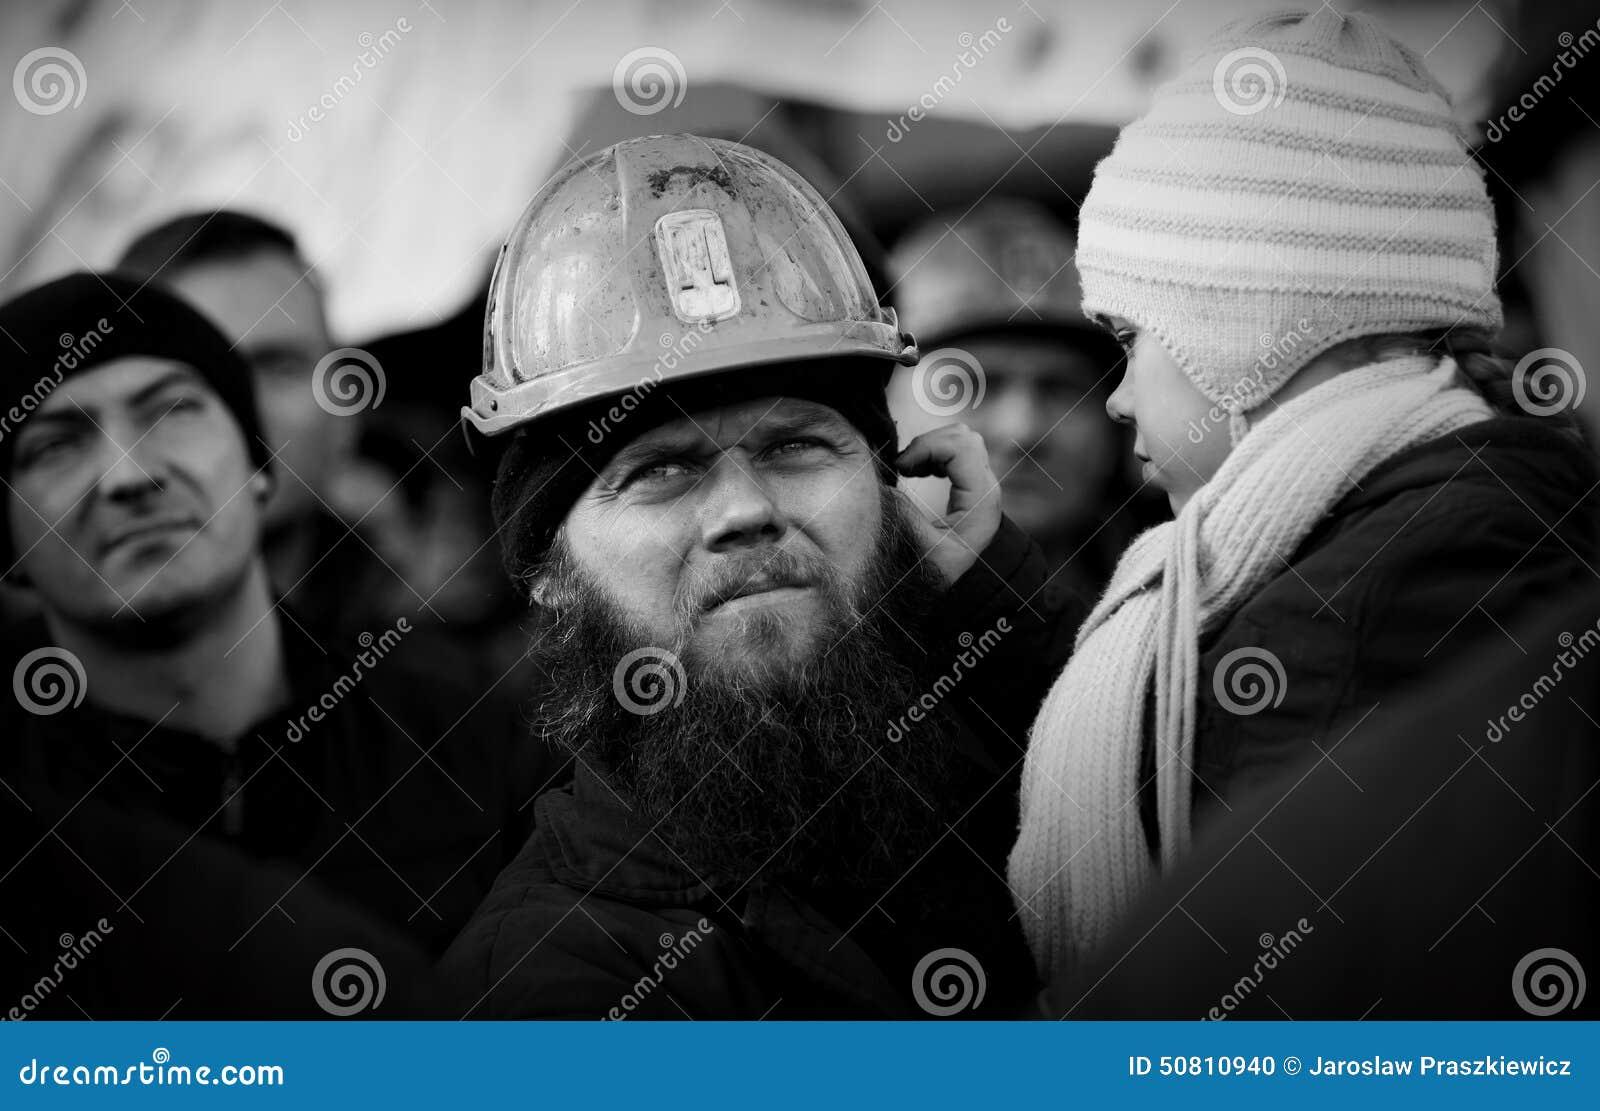 Het Protest actie-van staking van Silezische mijnwerkers